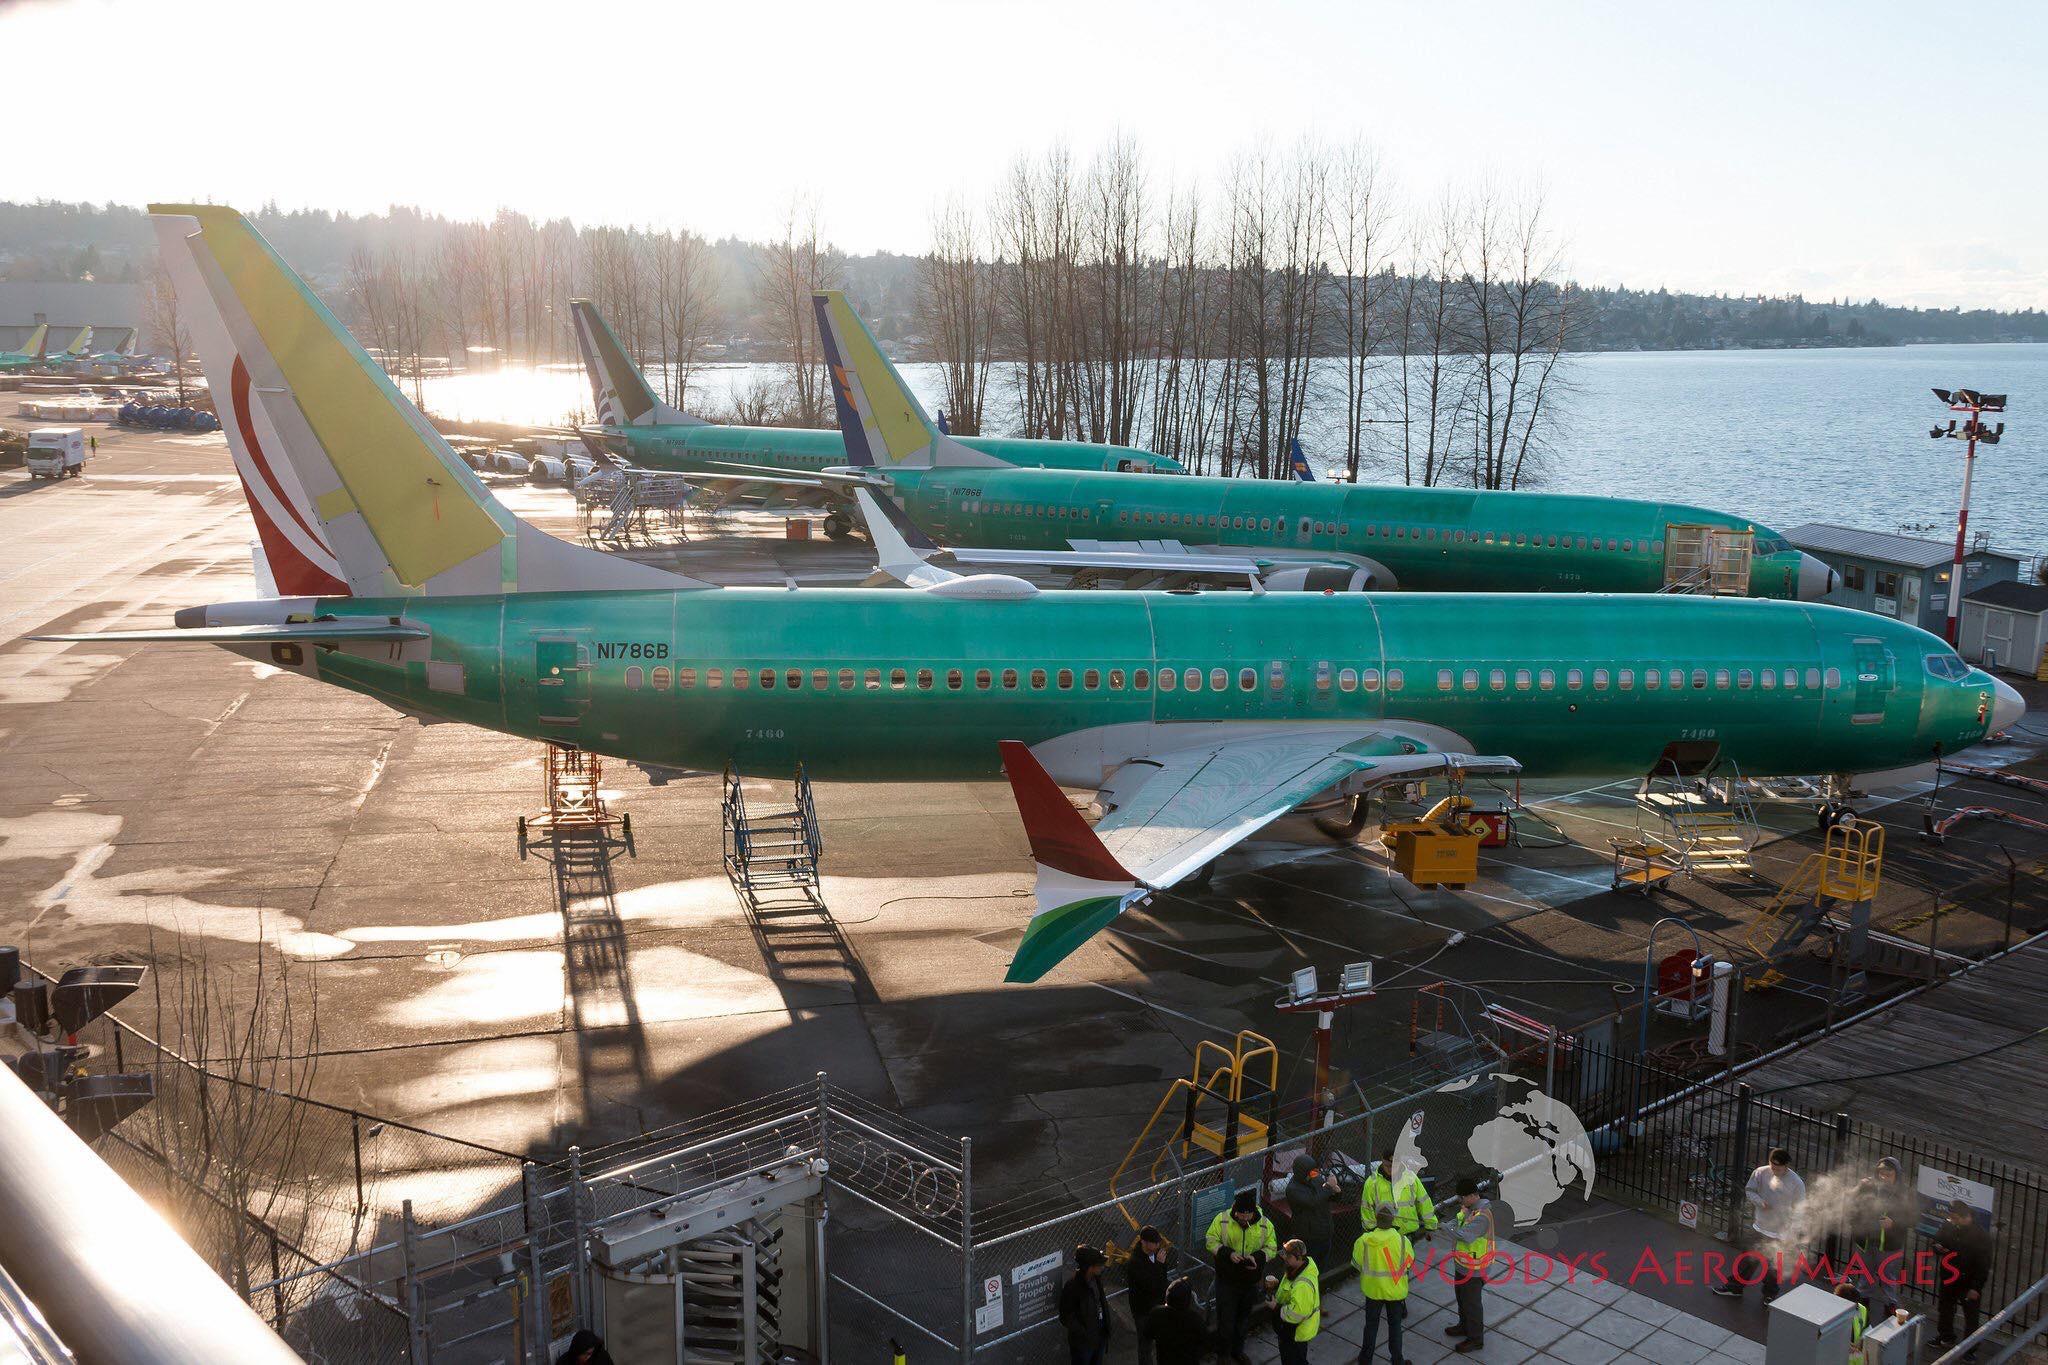 بوينغ توقف تسليم 3 طائرات من نوع MAX 737 للمغرب بعد فاجعة الطائرة الإثيوبية